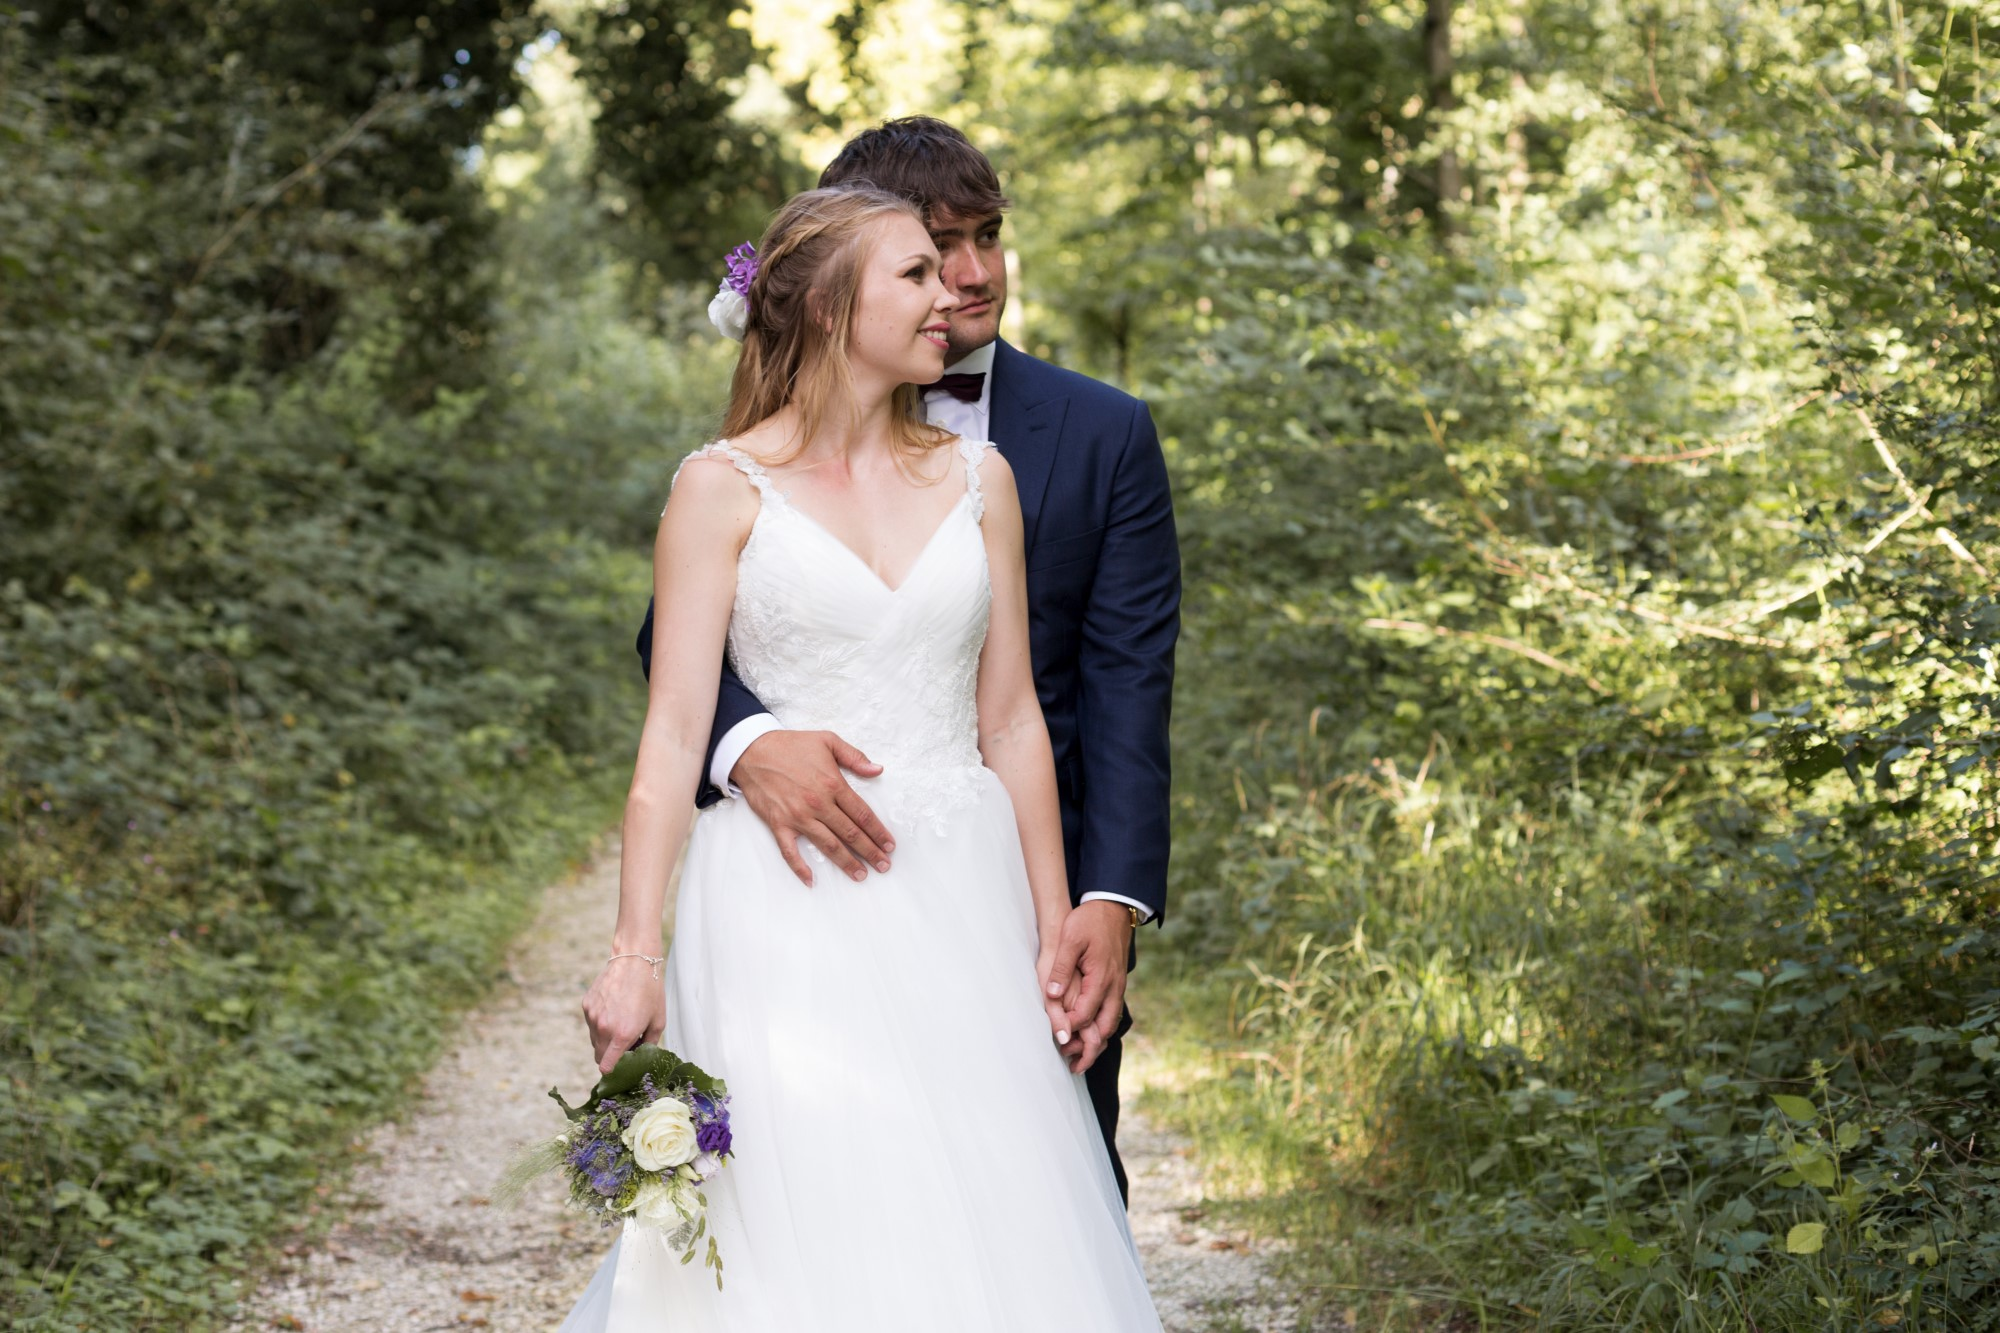 Der Bräutigam hält die Braut beim Fotoshooting